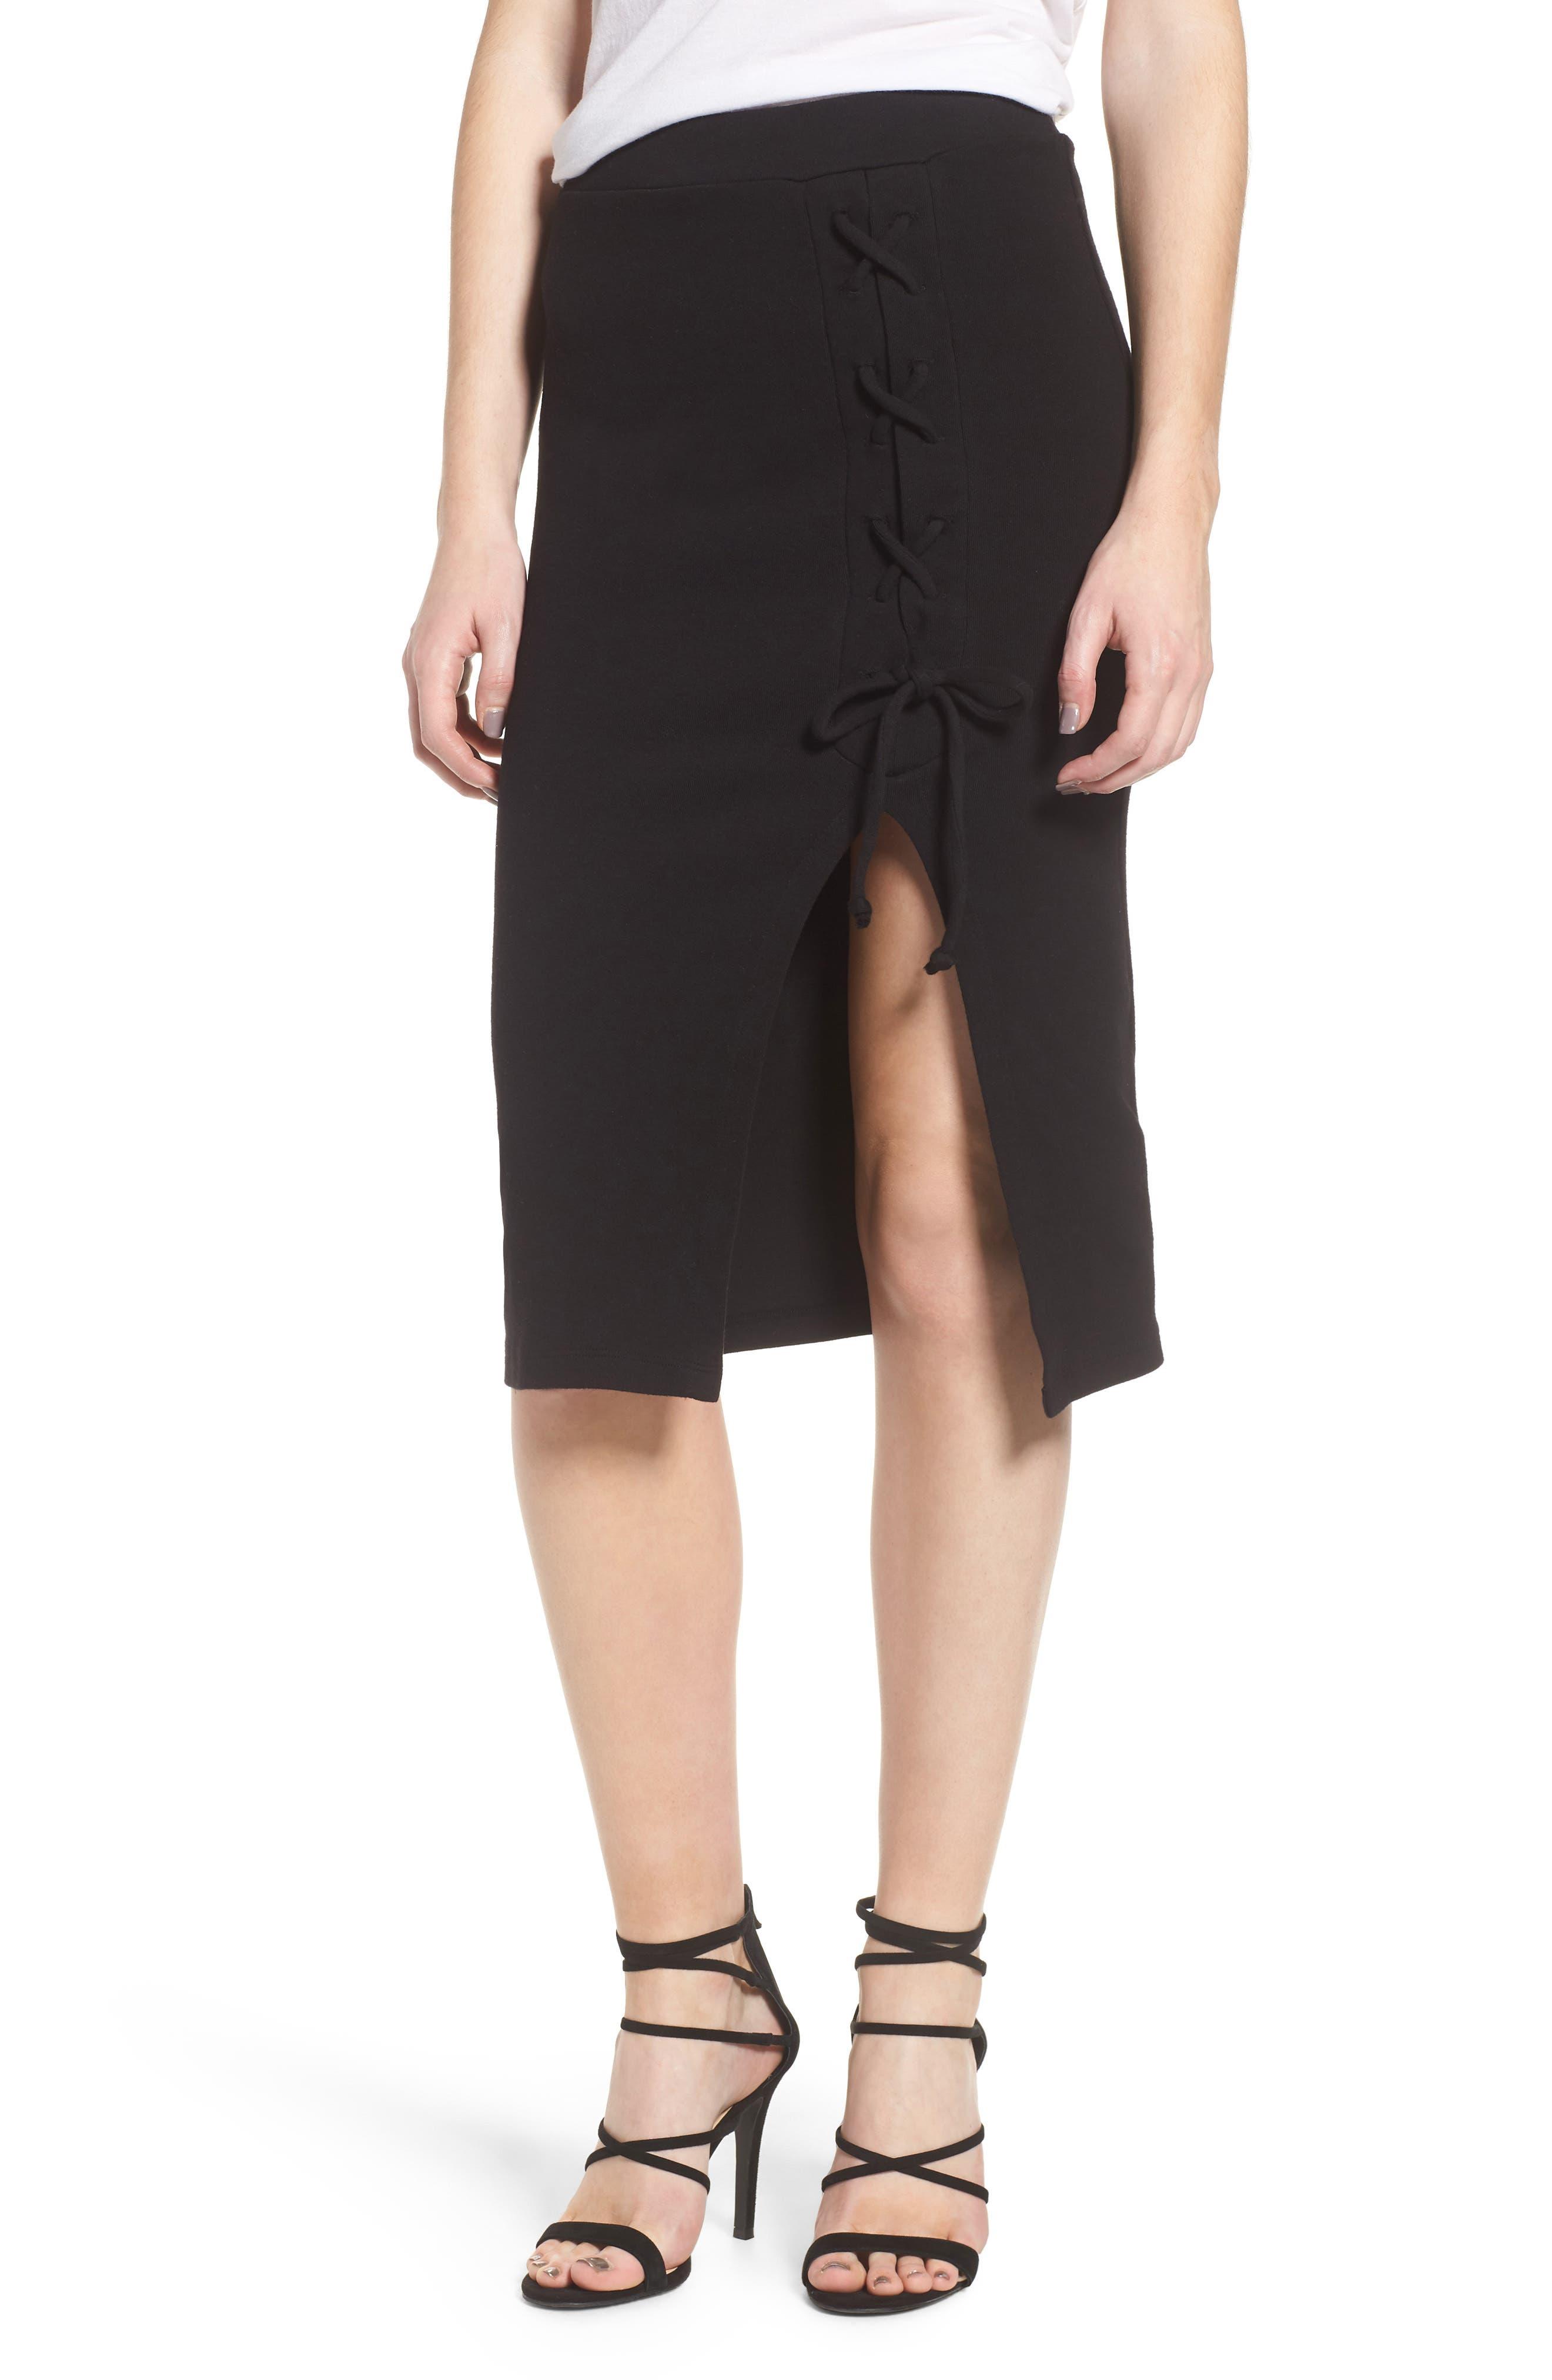 Stateside Rib Knit Lace-Up Skirt